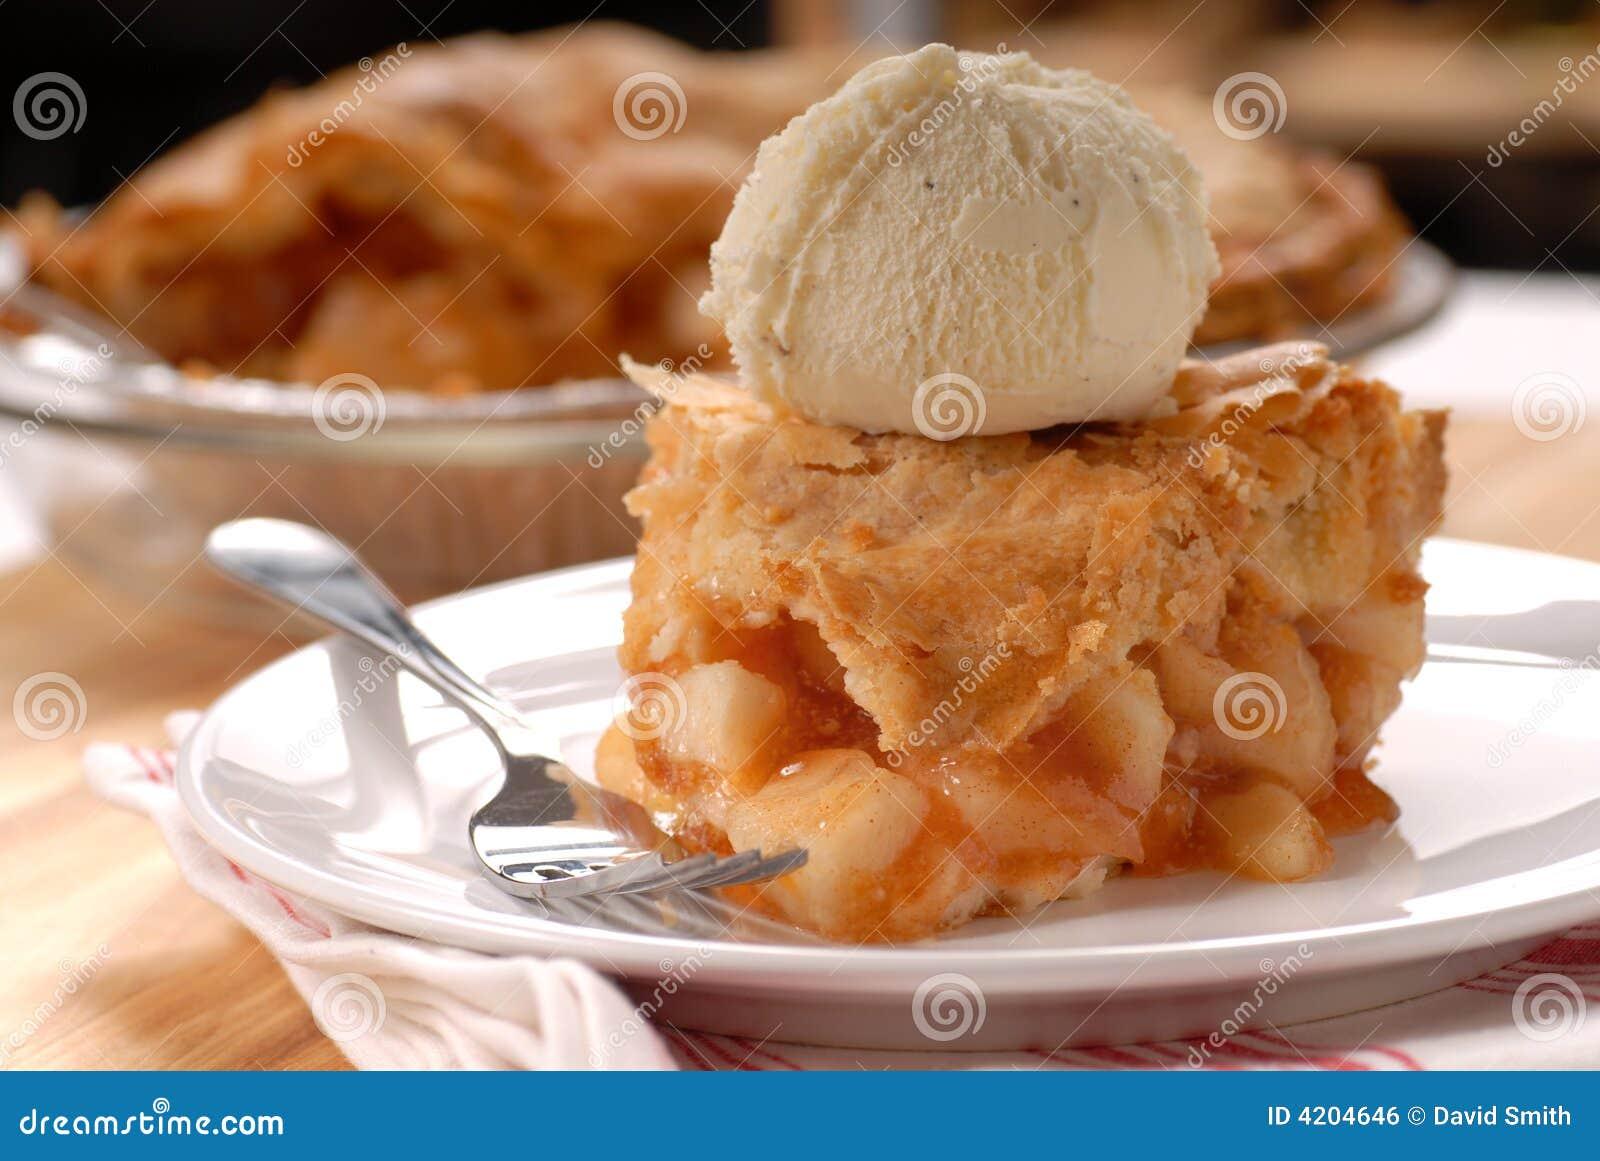 Partie de crème de secteur de pomme et de glace à la vanille